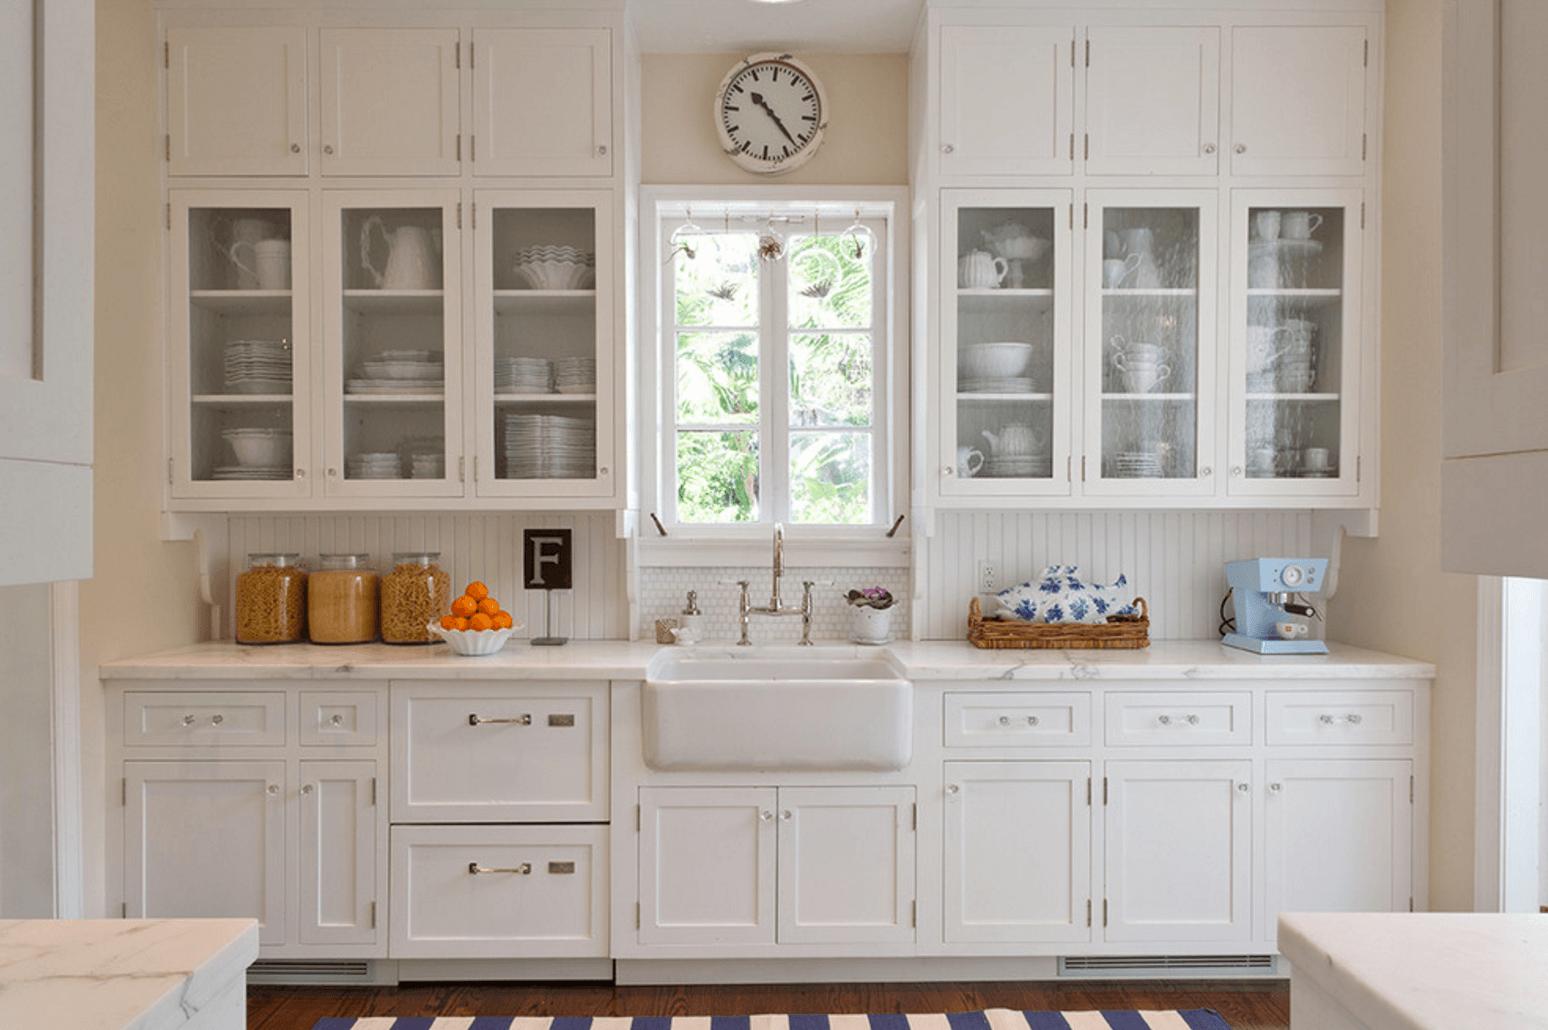 Идея дизайна фартука на кухню. Использование пластиковых панелей - фото 3